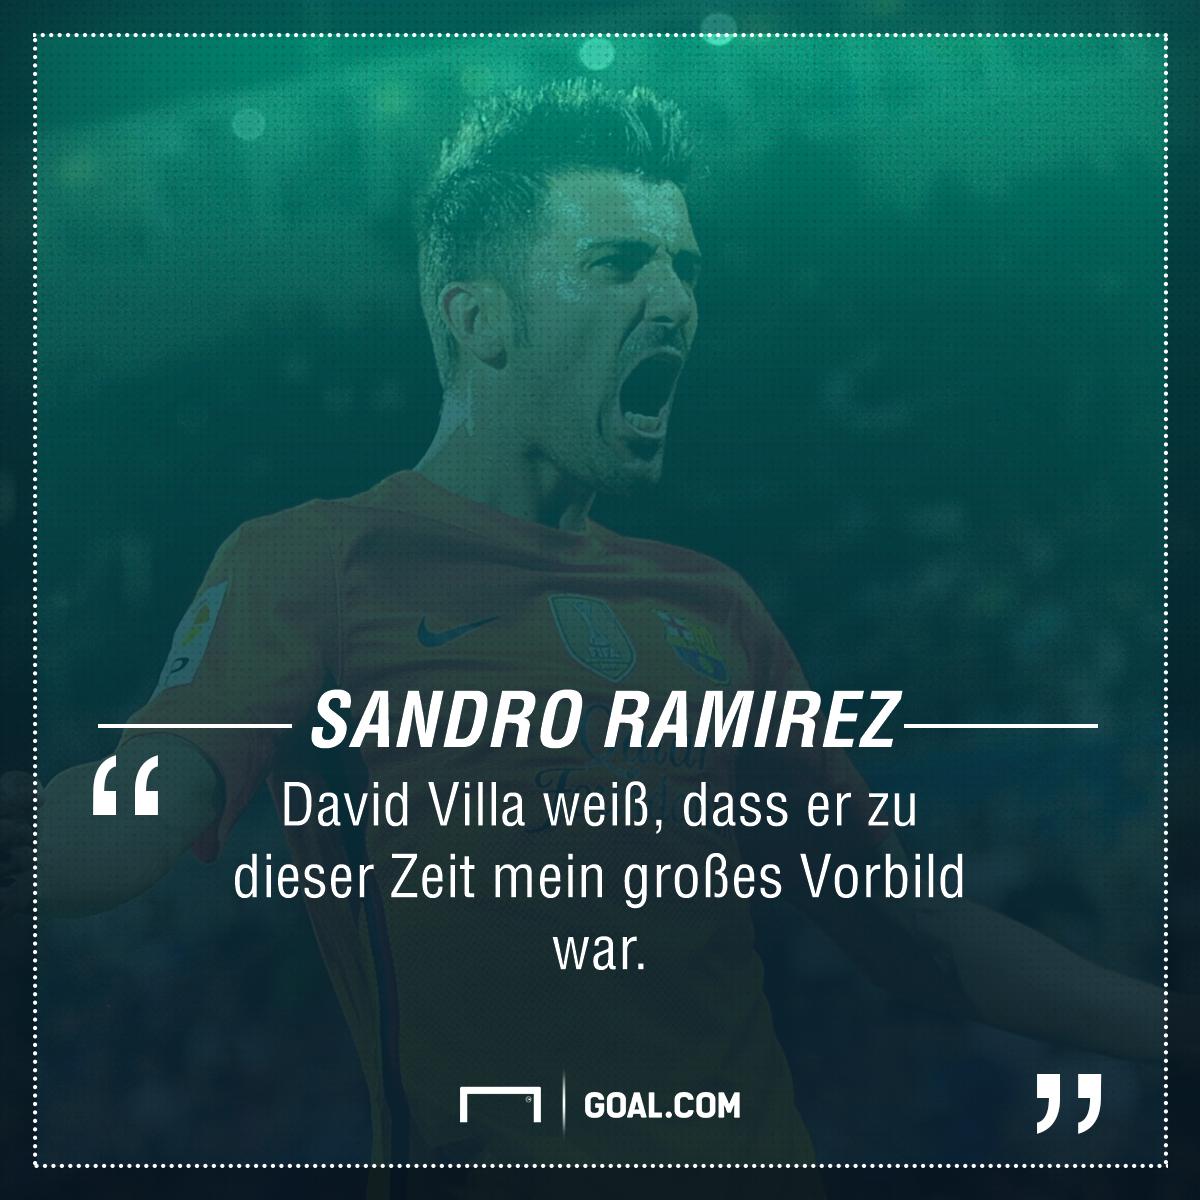 GFX Sandro Ramirez David Villa